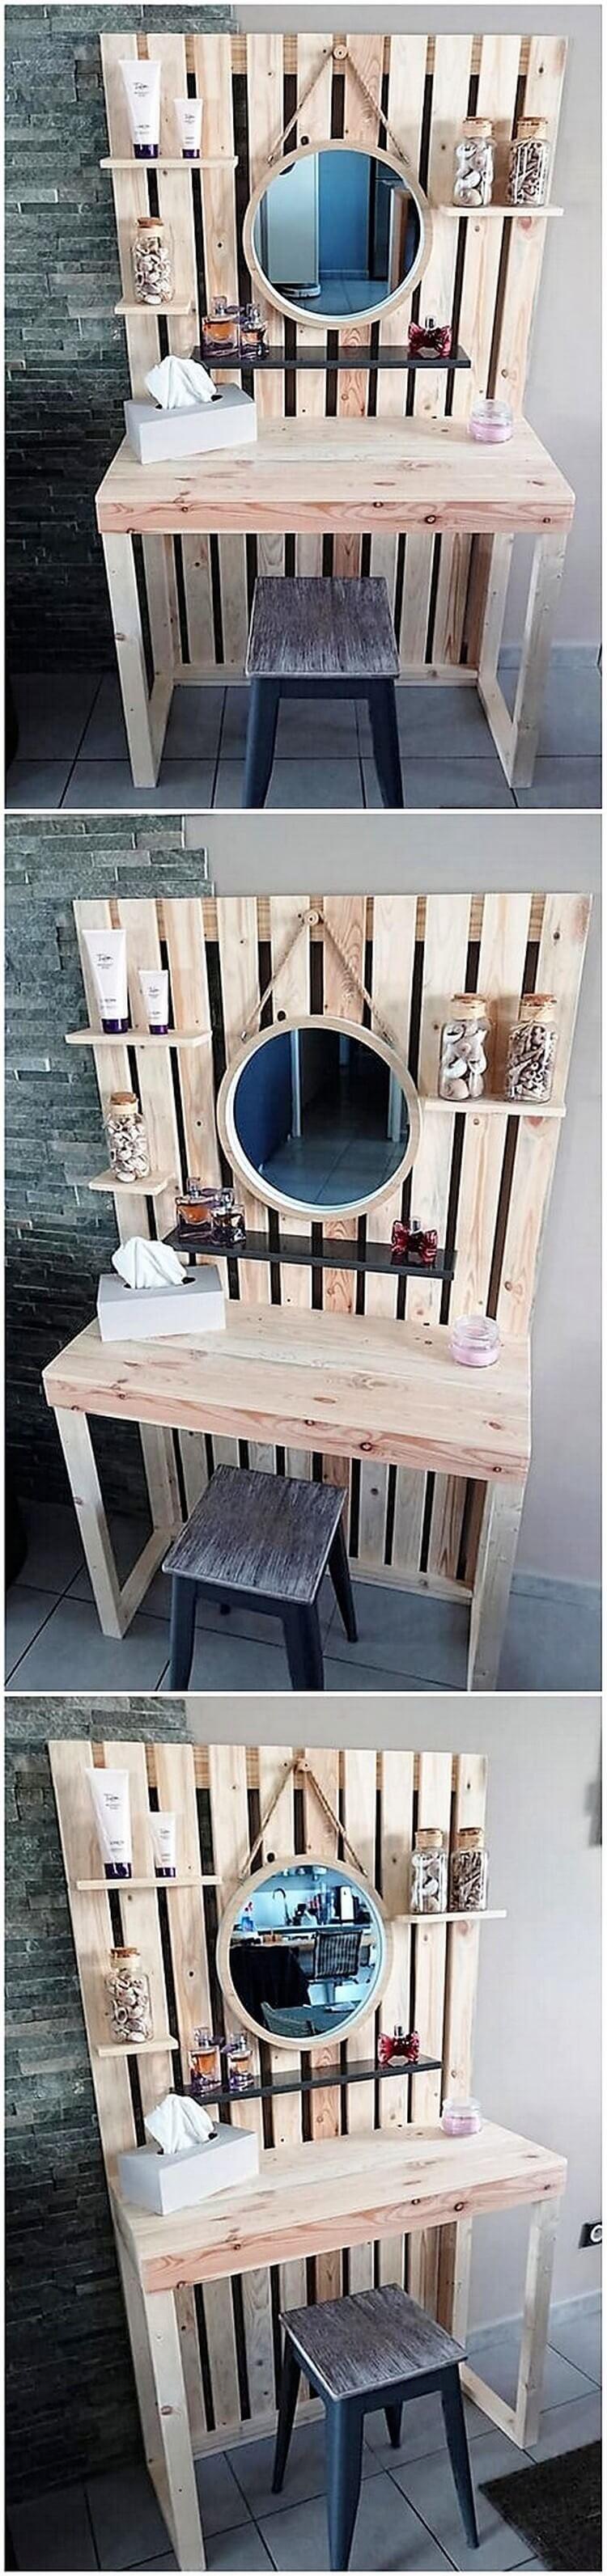 Build Your Own Diy Pallet Makeup Vanity Ikea Desk And Vanity